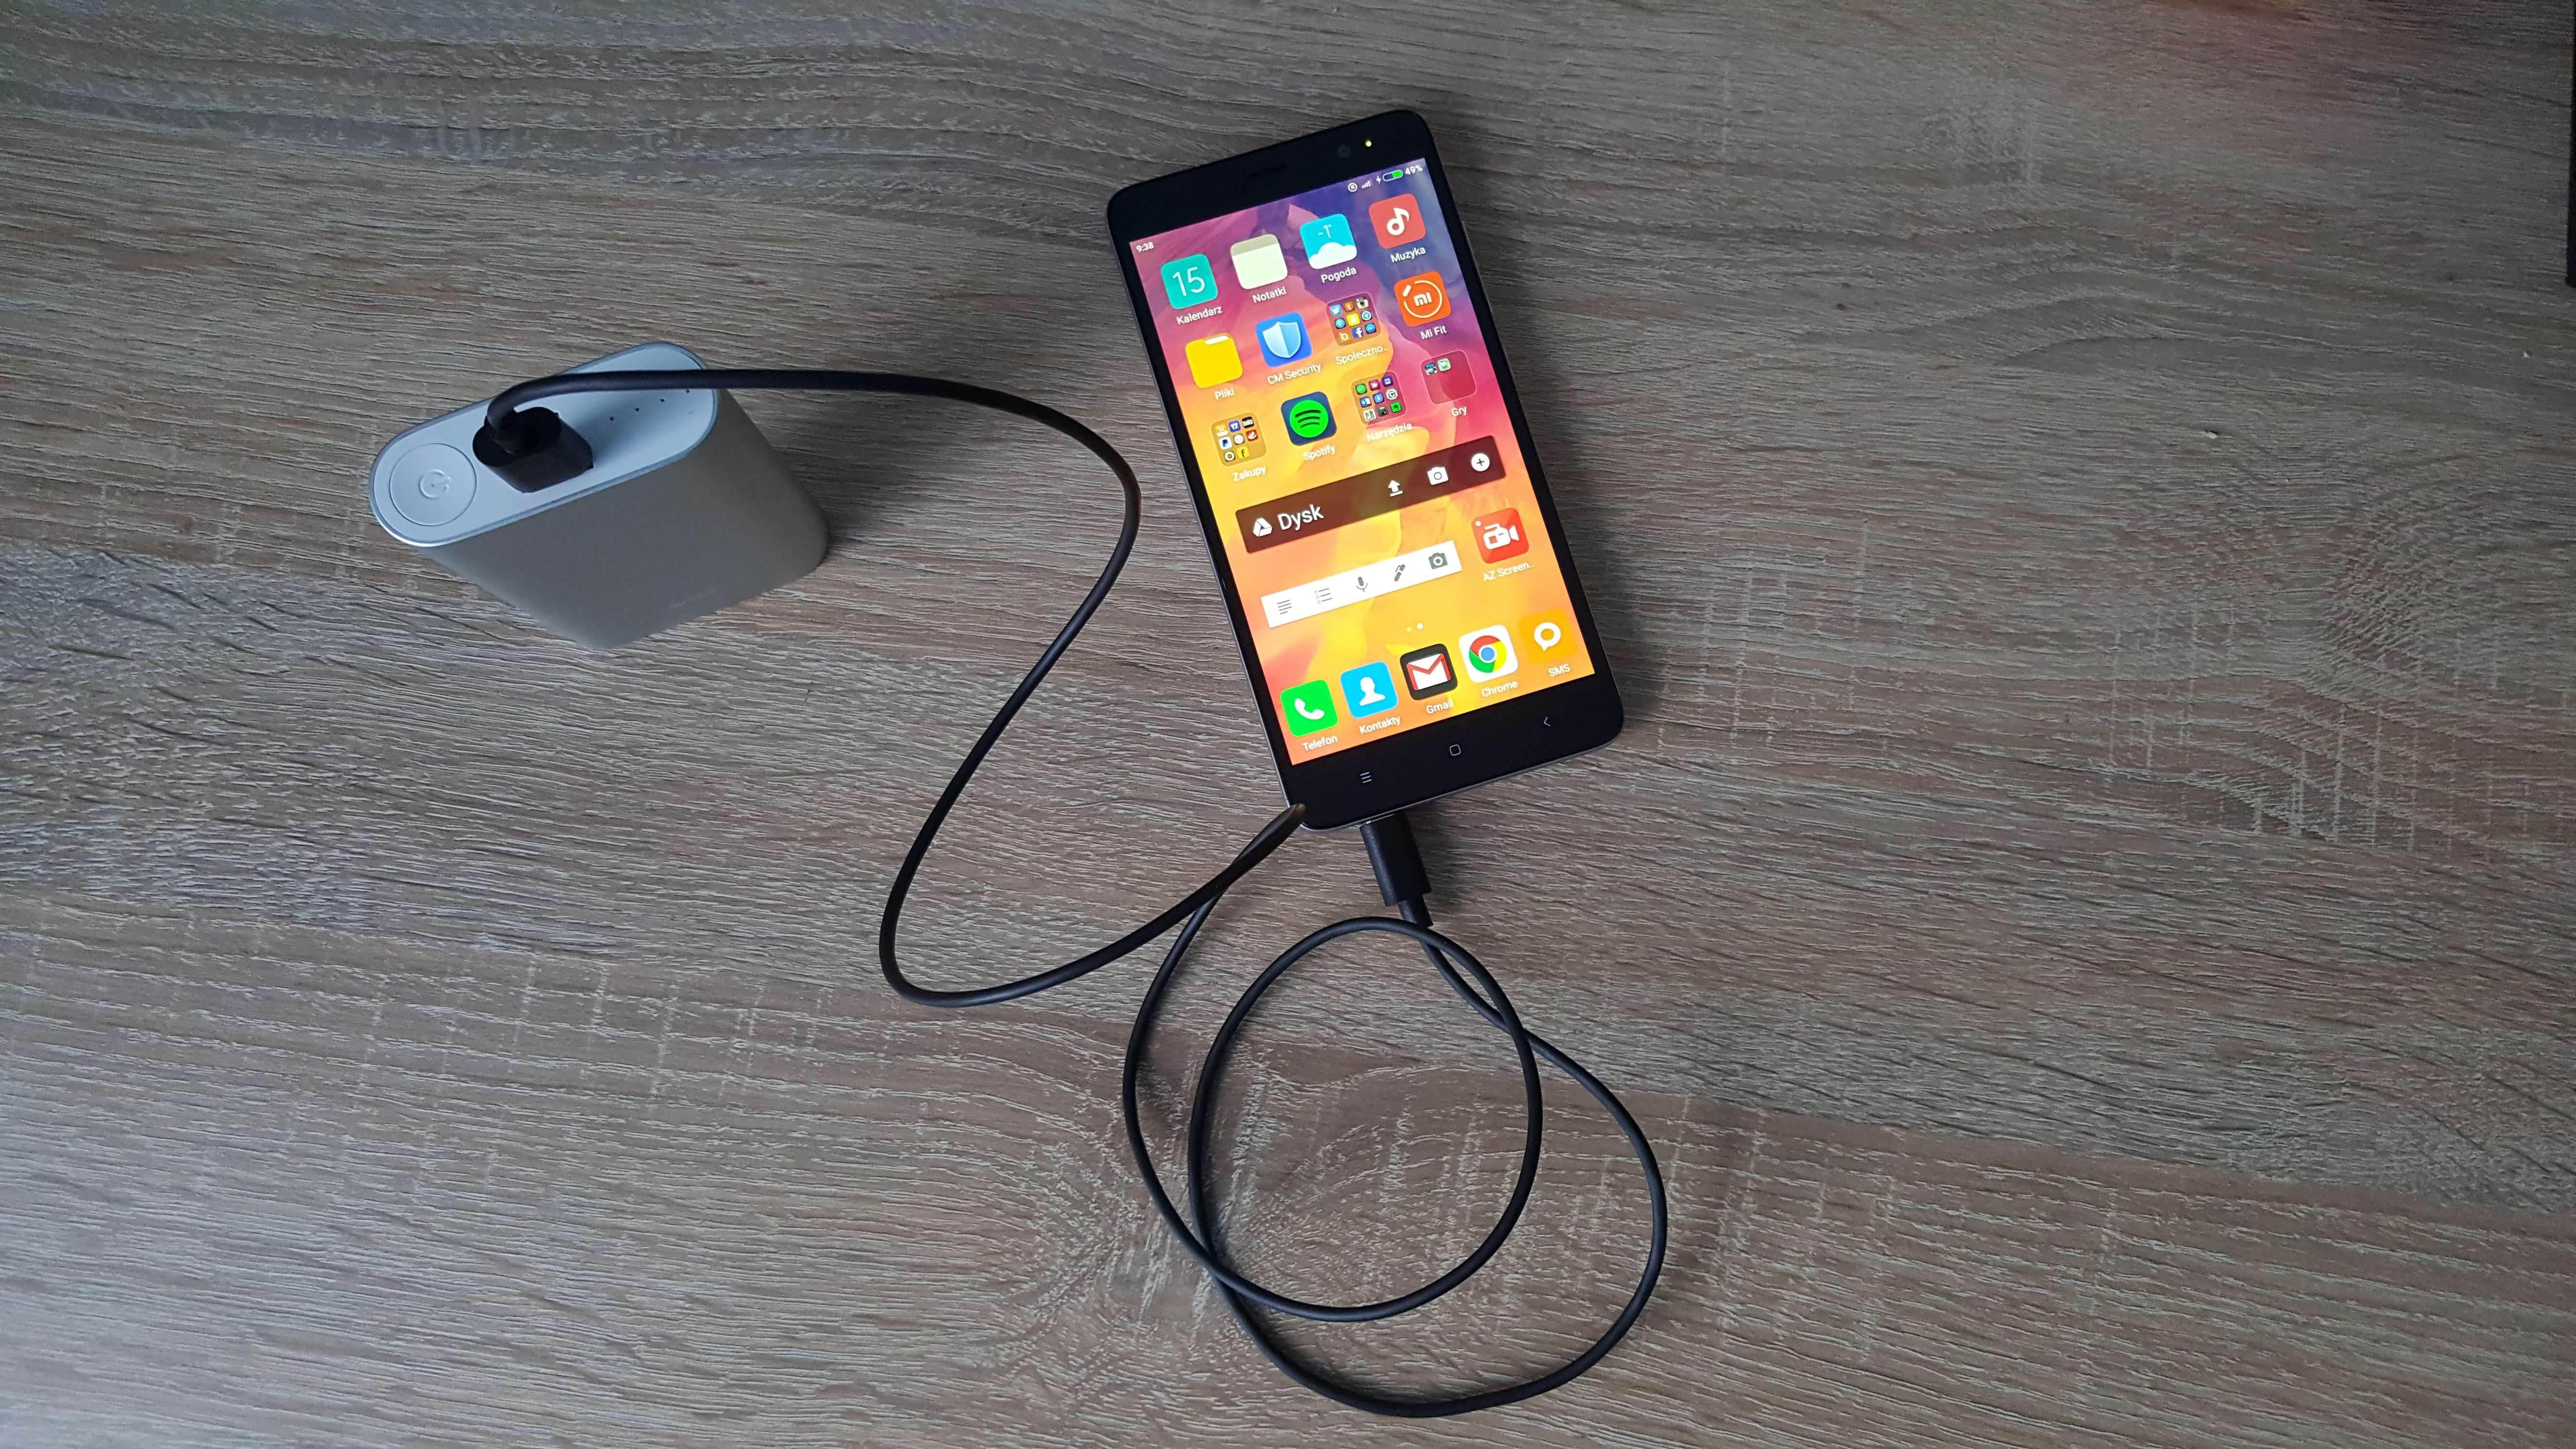 W rzeczywistości pojemność wynosi zaledwie 6250mAh co pozwoliło mi na jedno pełne naładowanie Xiaomi Redmi Note 3 i Motoroli Moto G XT1032